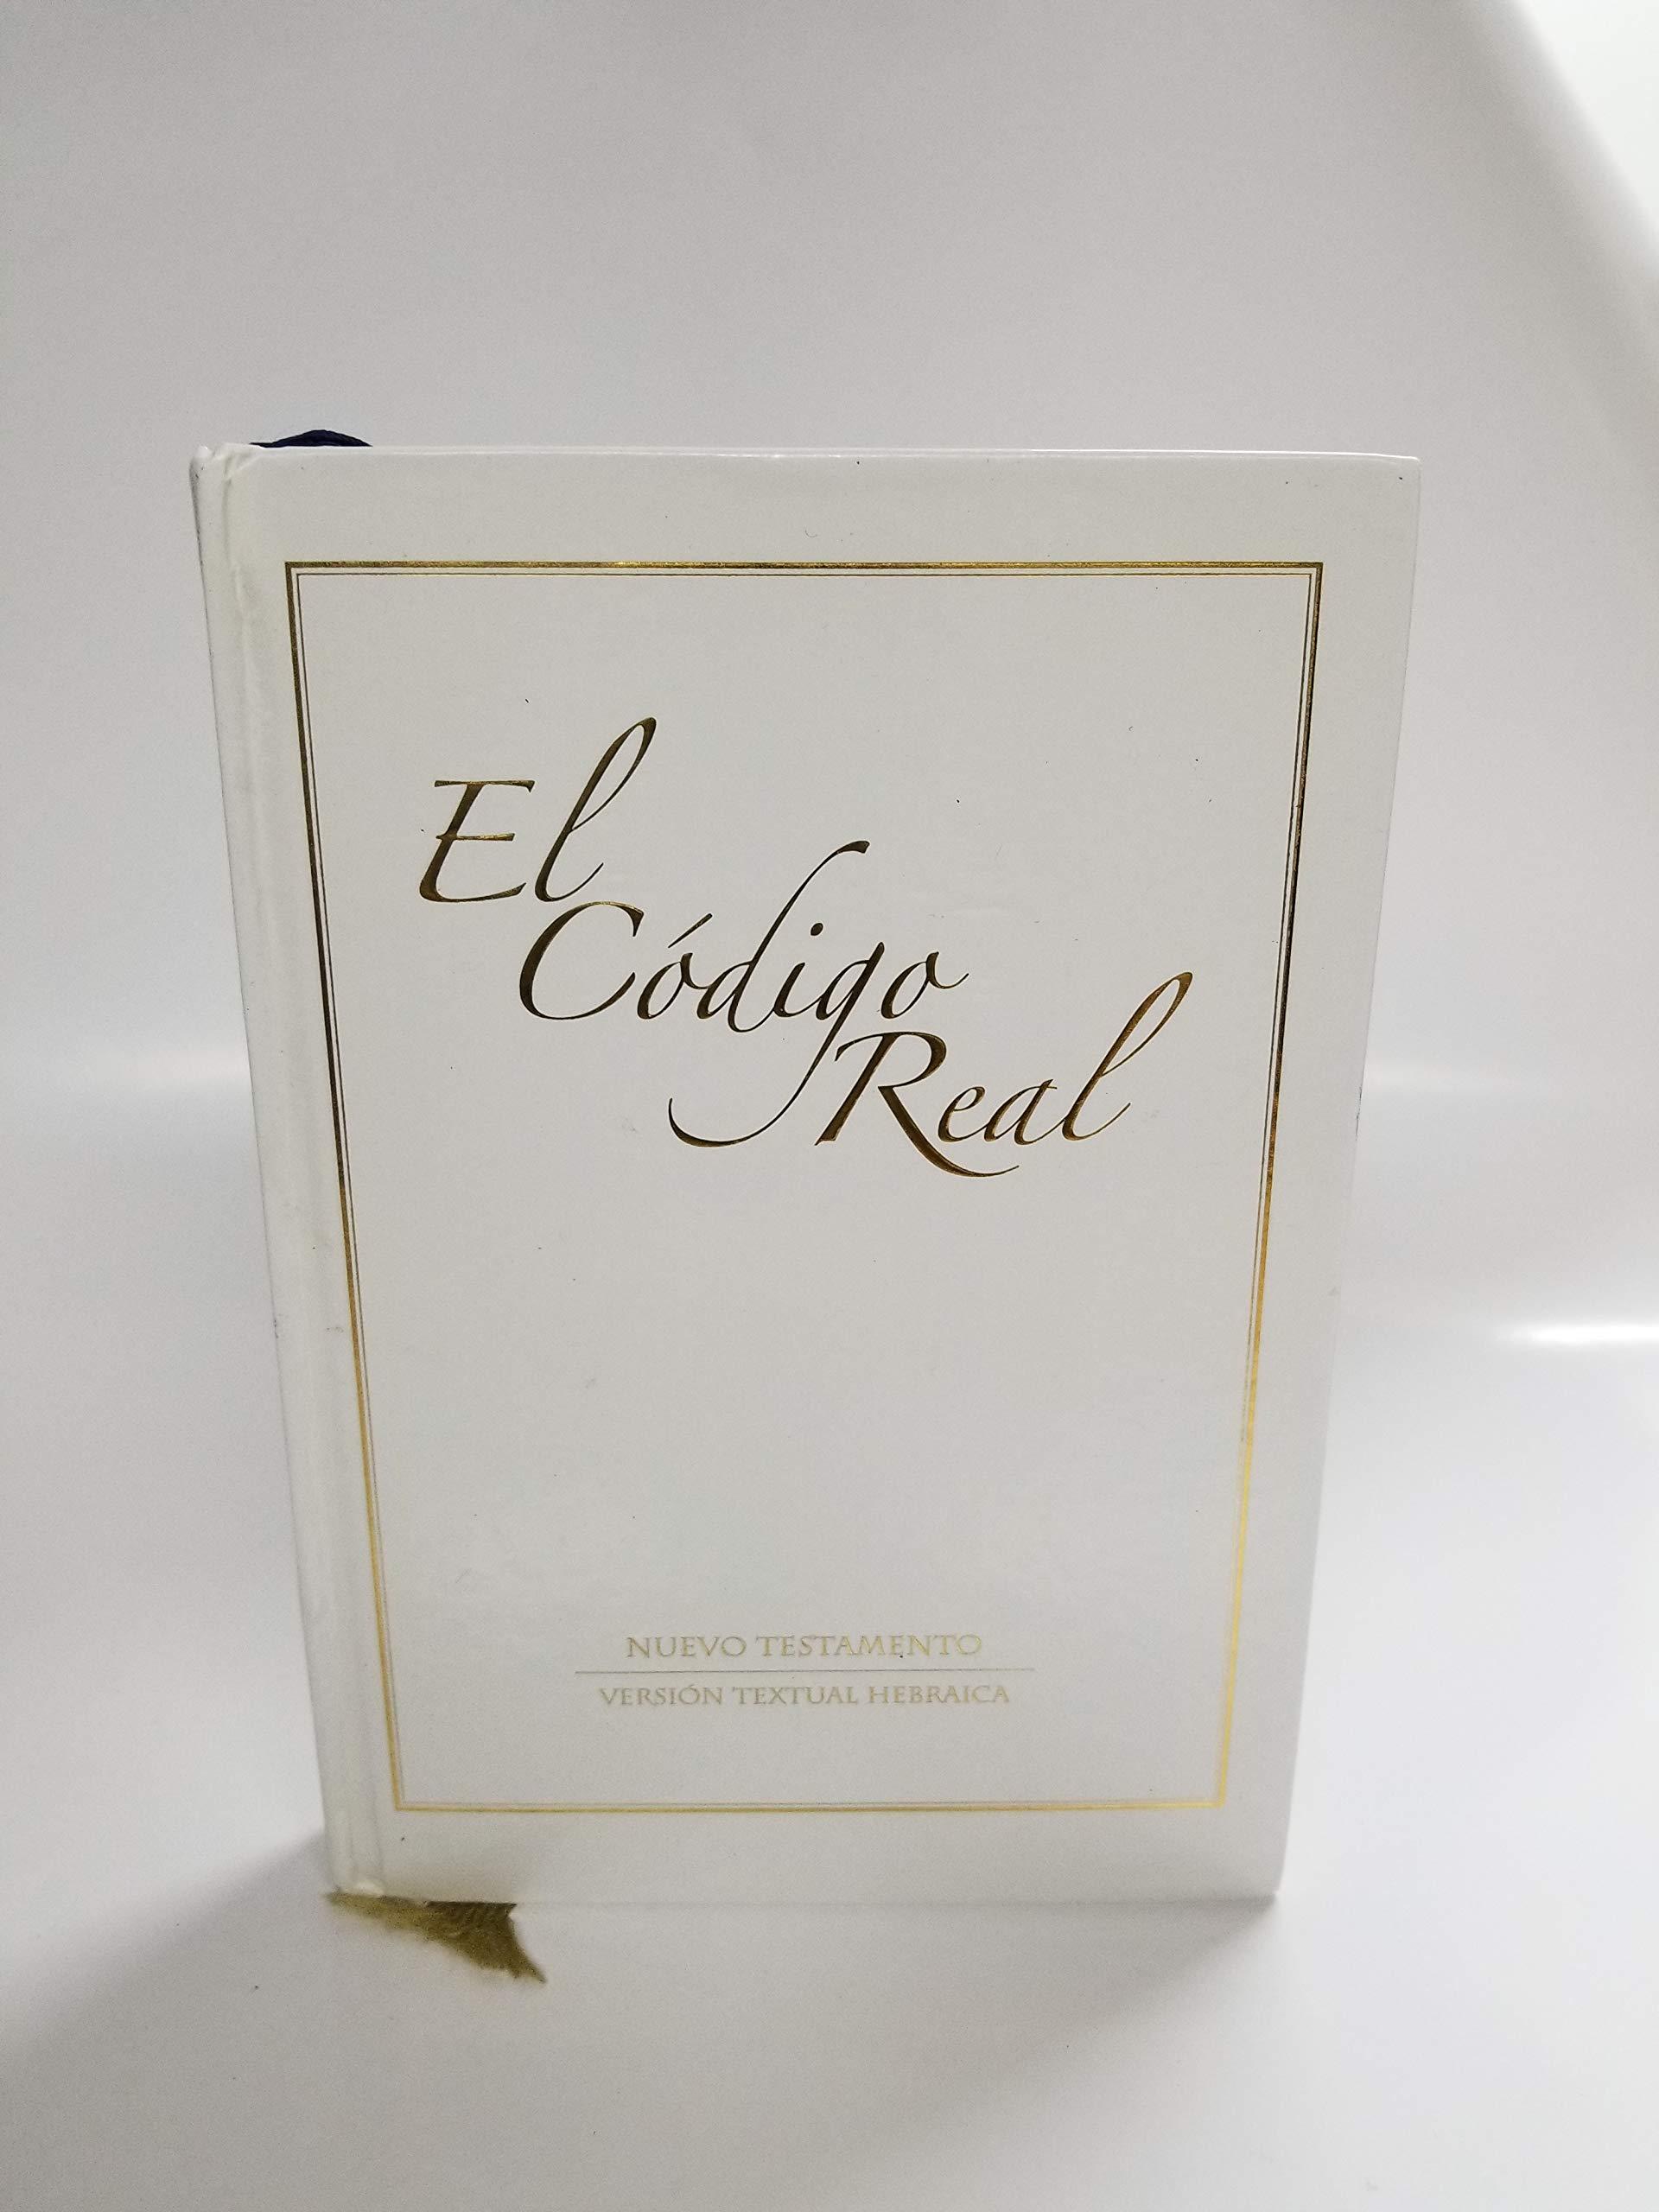 El Codigo Real (Spanish Edition): D.A. Hayyim: 9781930705500 ...